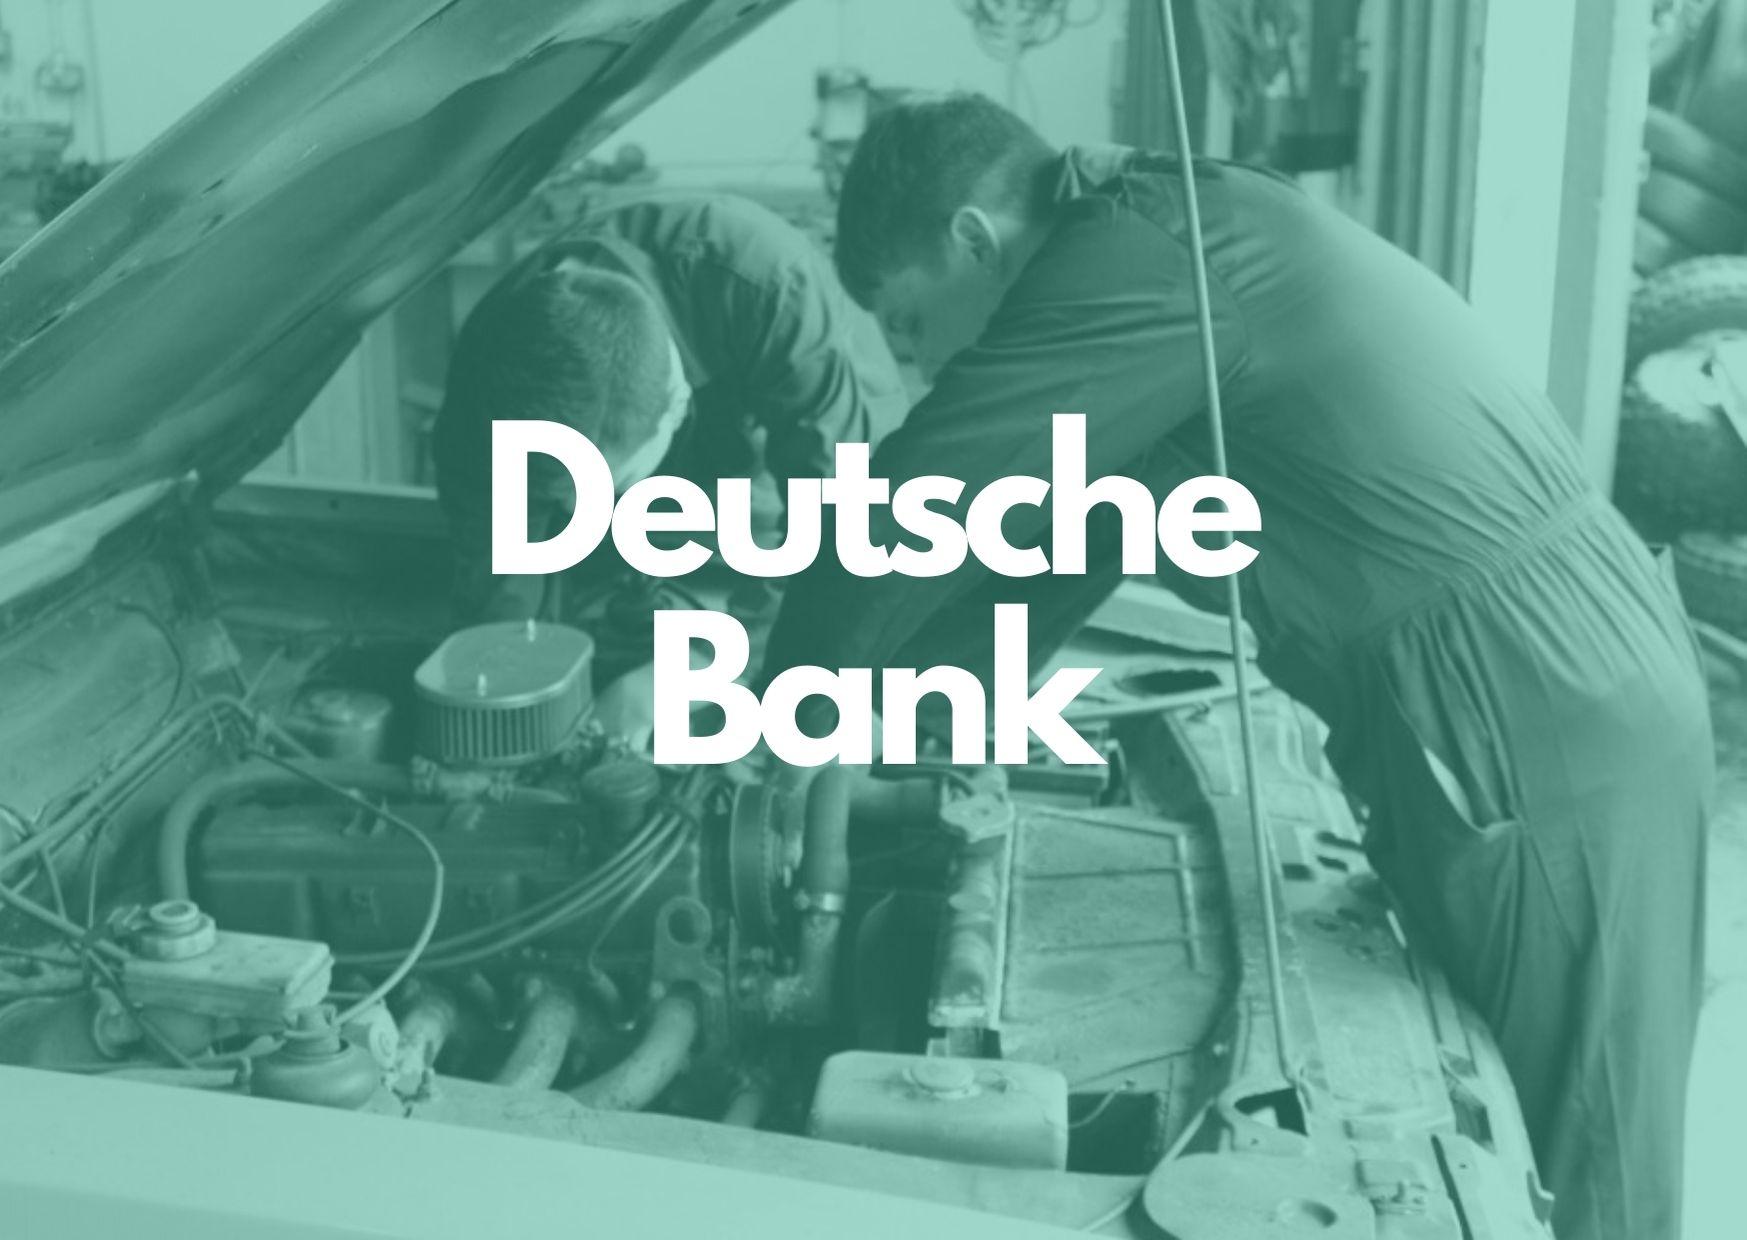 Donor Spotlight: Deutsche Bank